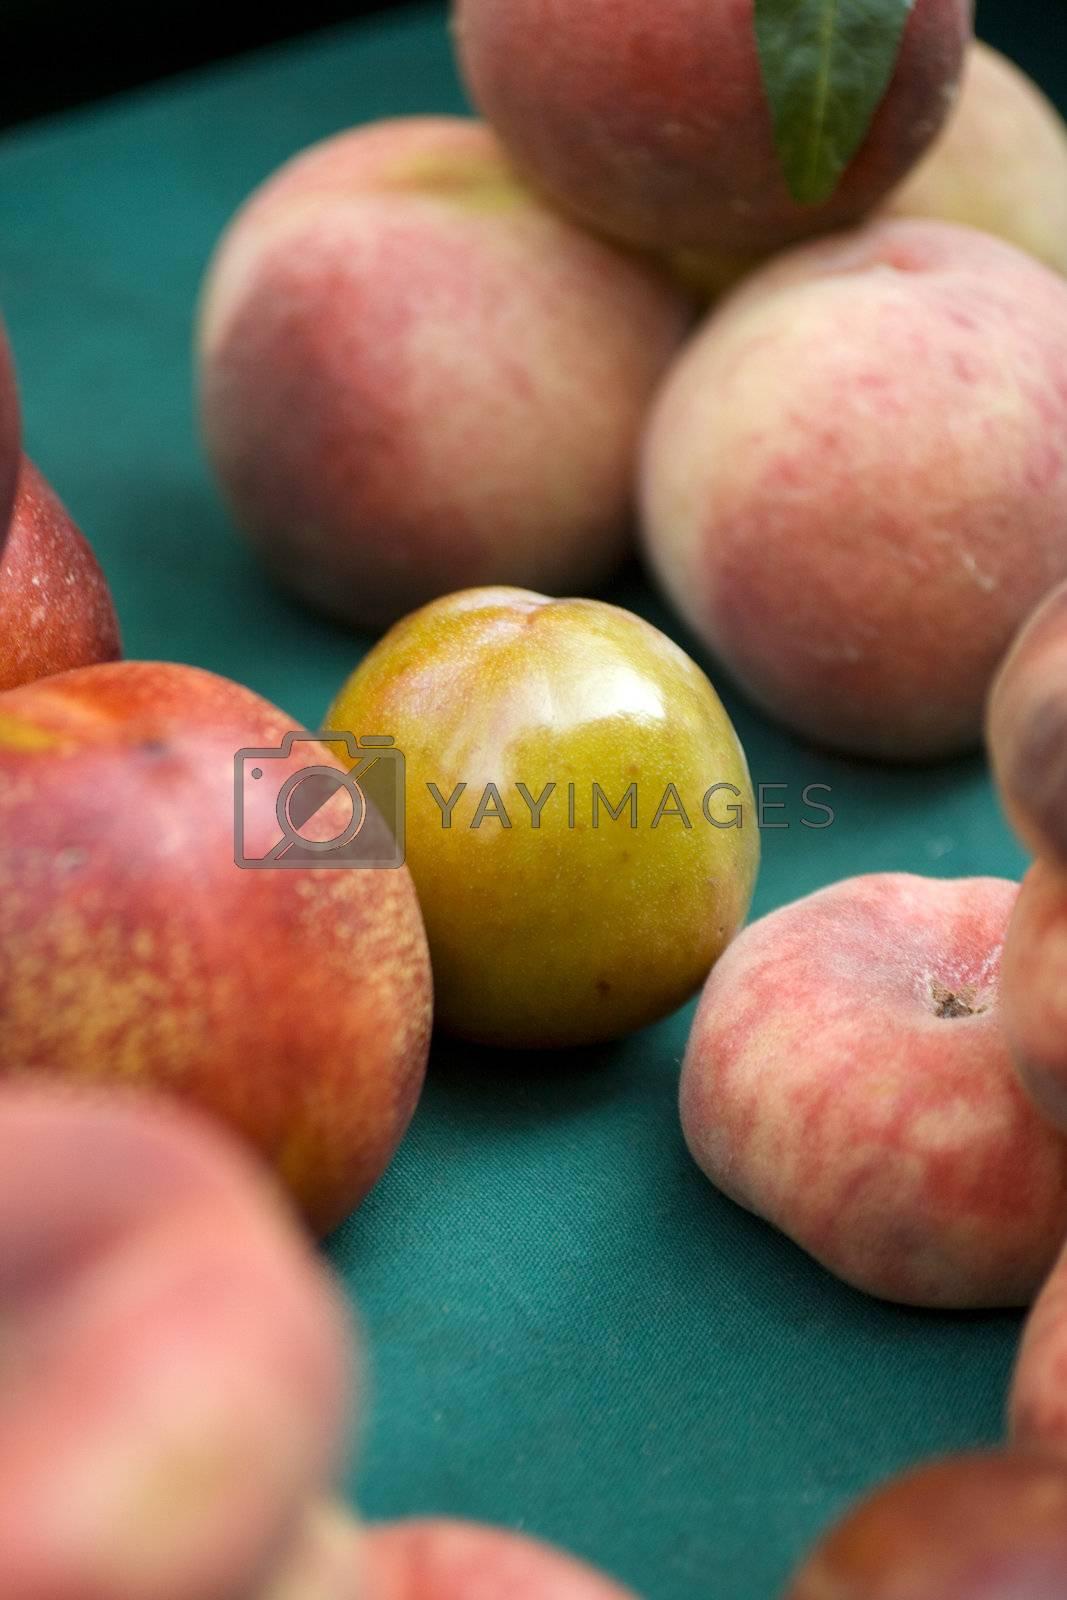 Plum among peaches